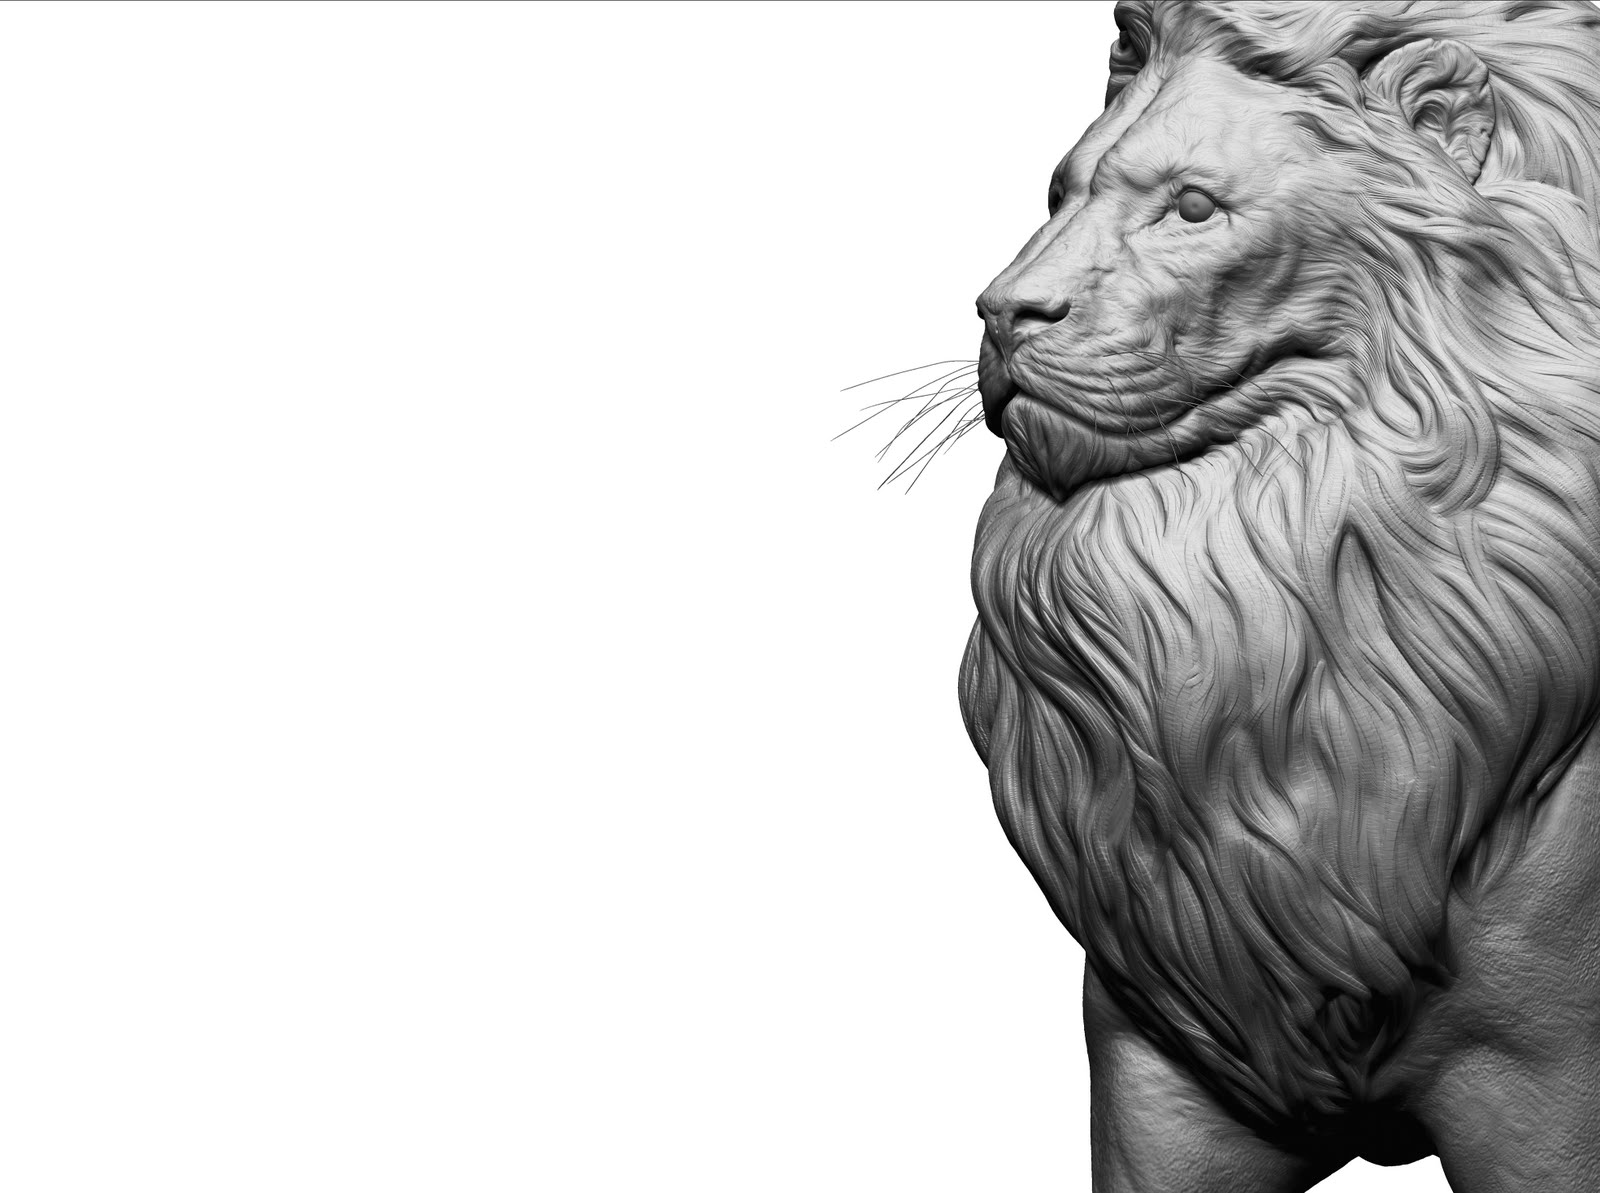 Volumik Estudio: LEON | escultura digital | prototipado | animación: volumik.blogspot.com/2010/04/leon-modelado-3d-prototipado-animacion...